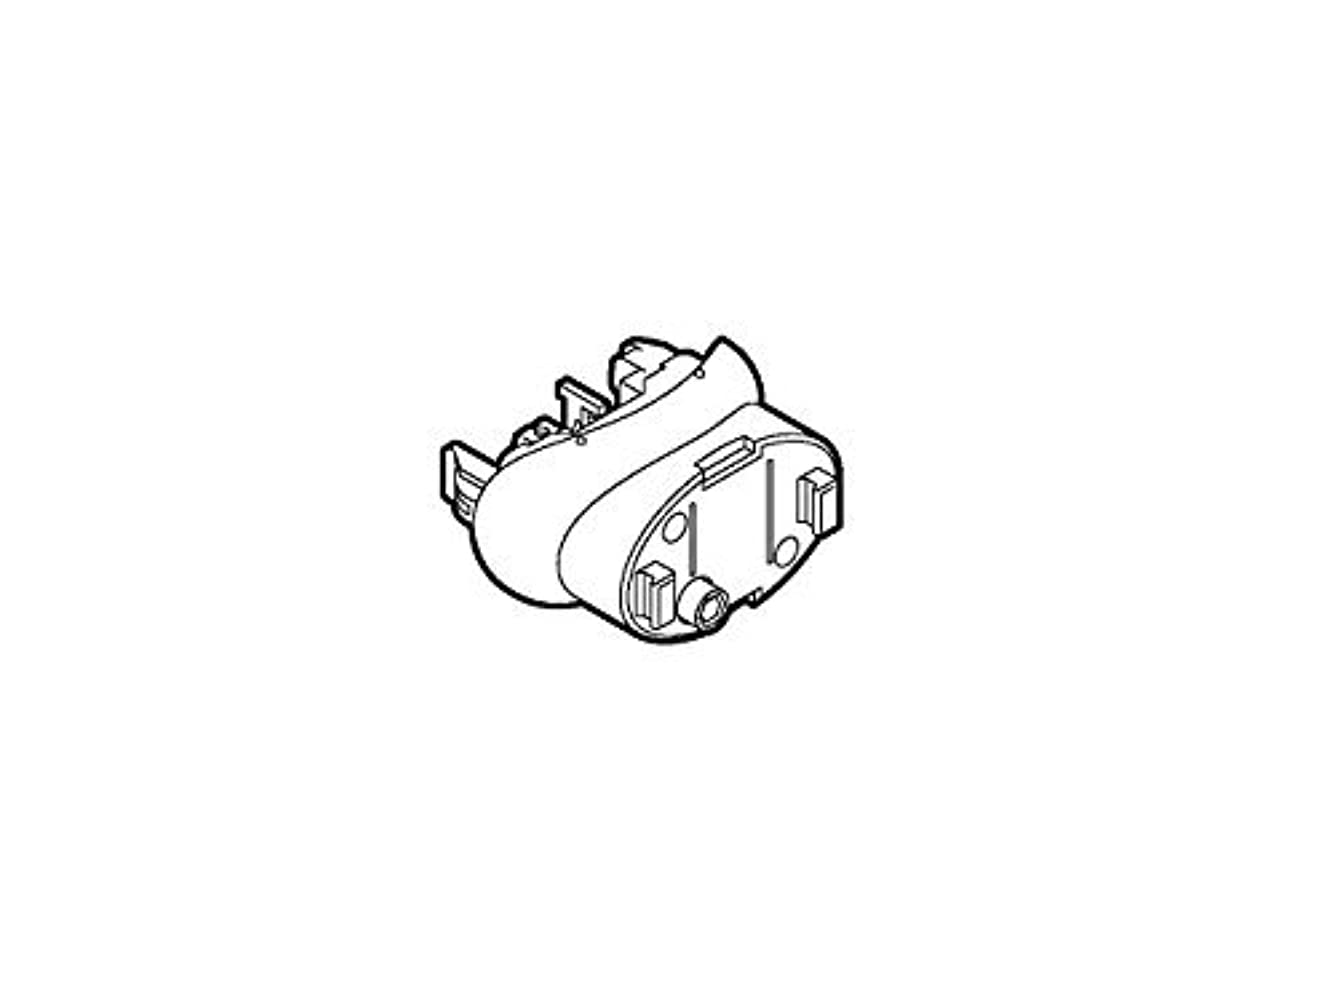 静けさアラブサラボ打たれたトラックPanasonic シェーバーヘッド駆動部 ESWD93W0787